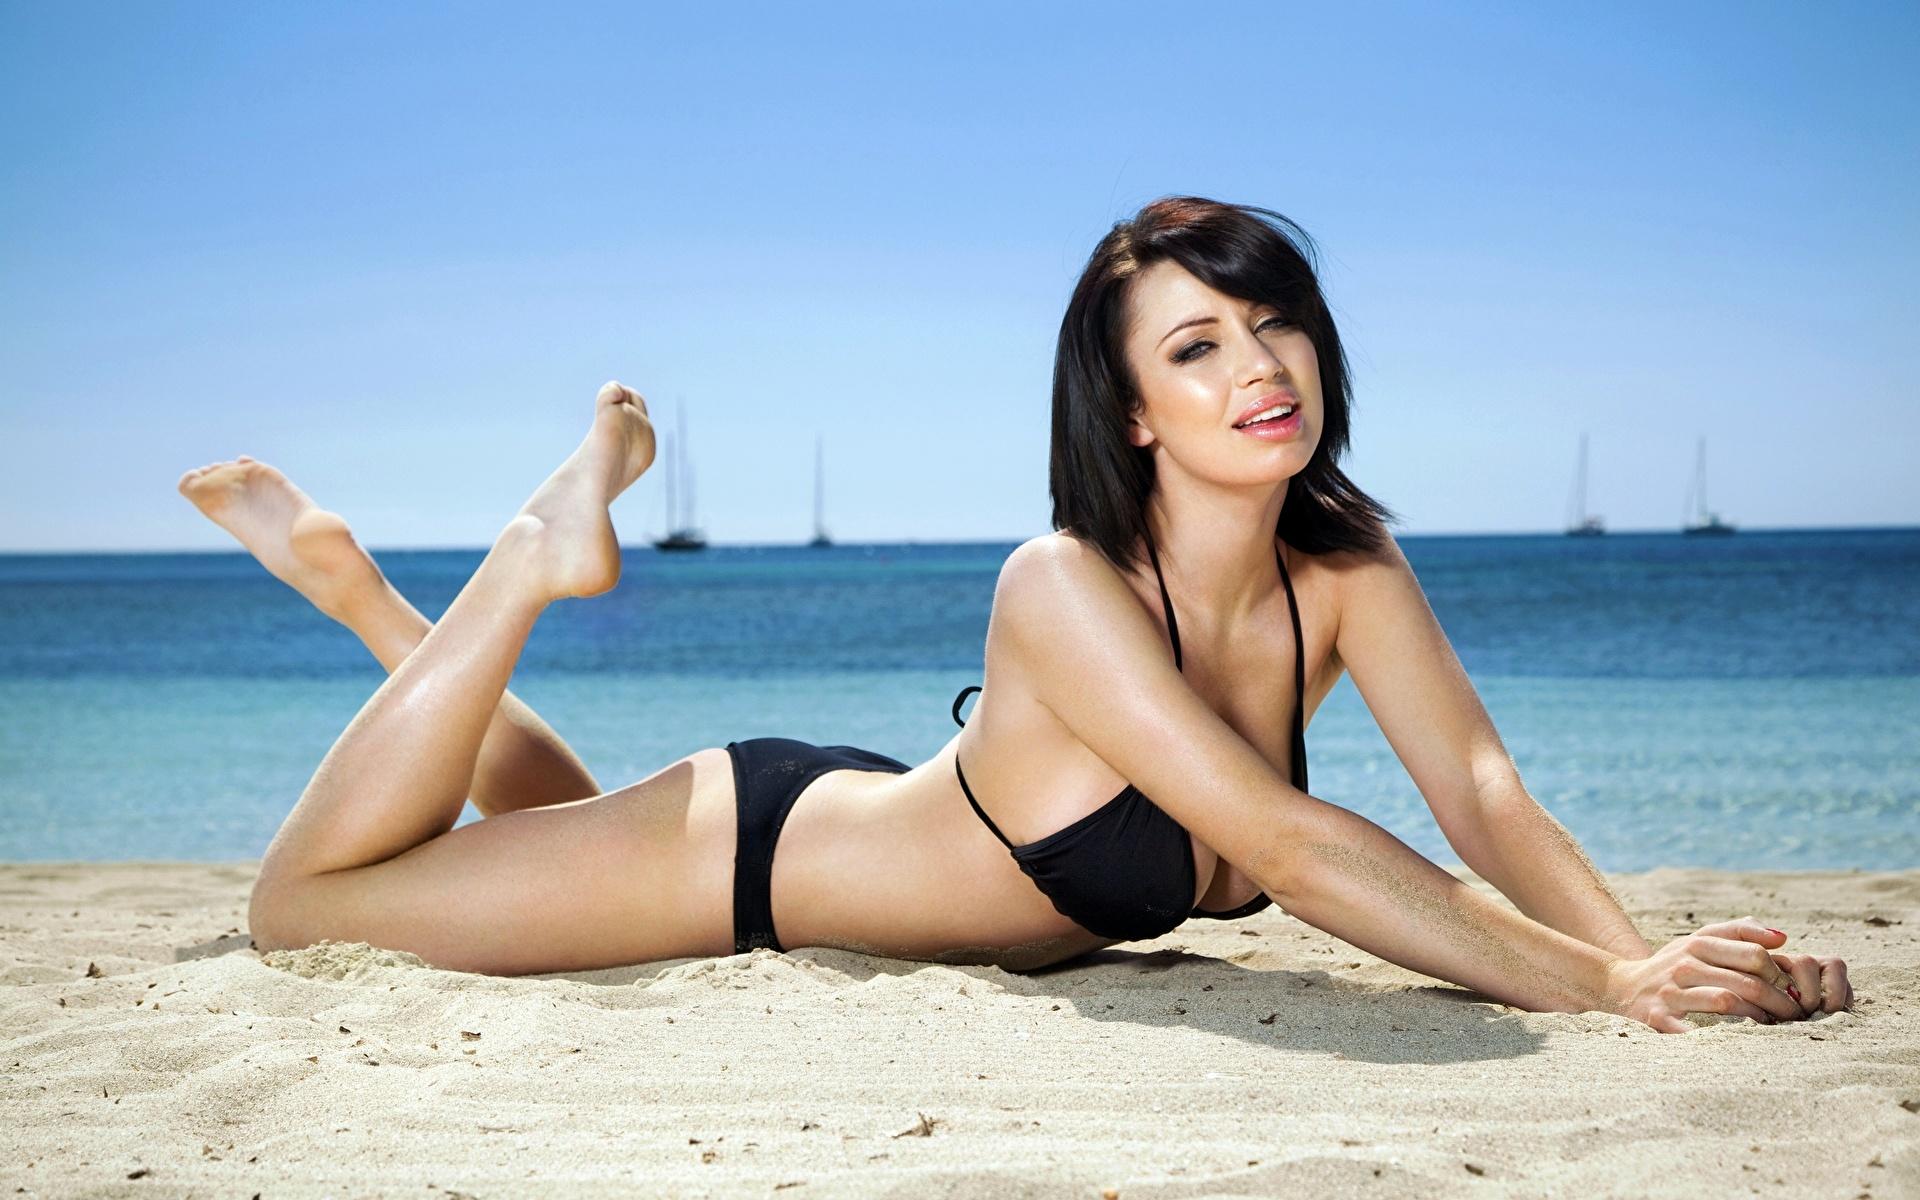 Девушка на пляже фото для рабочего стола